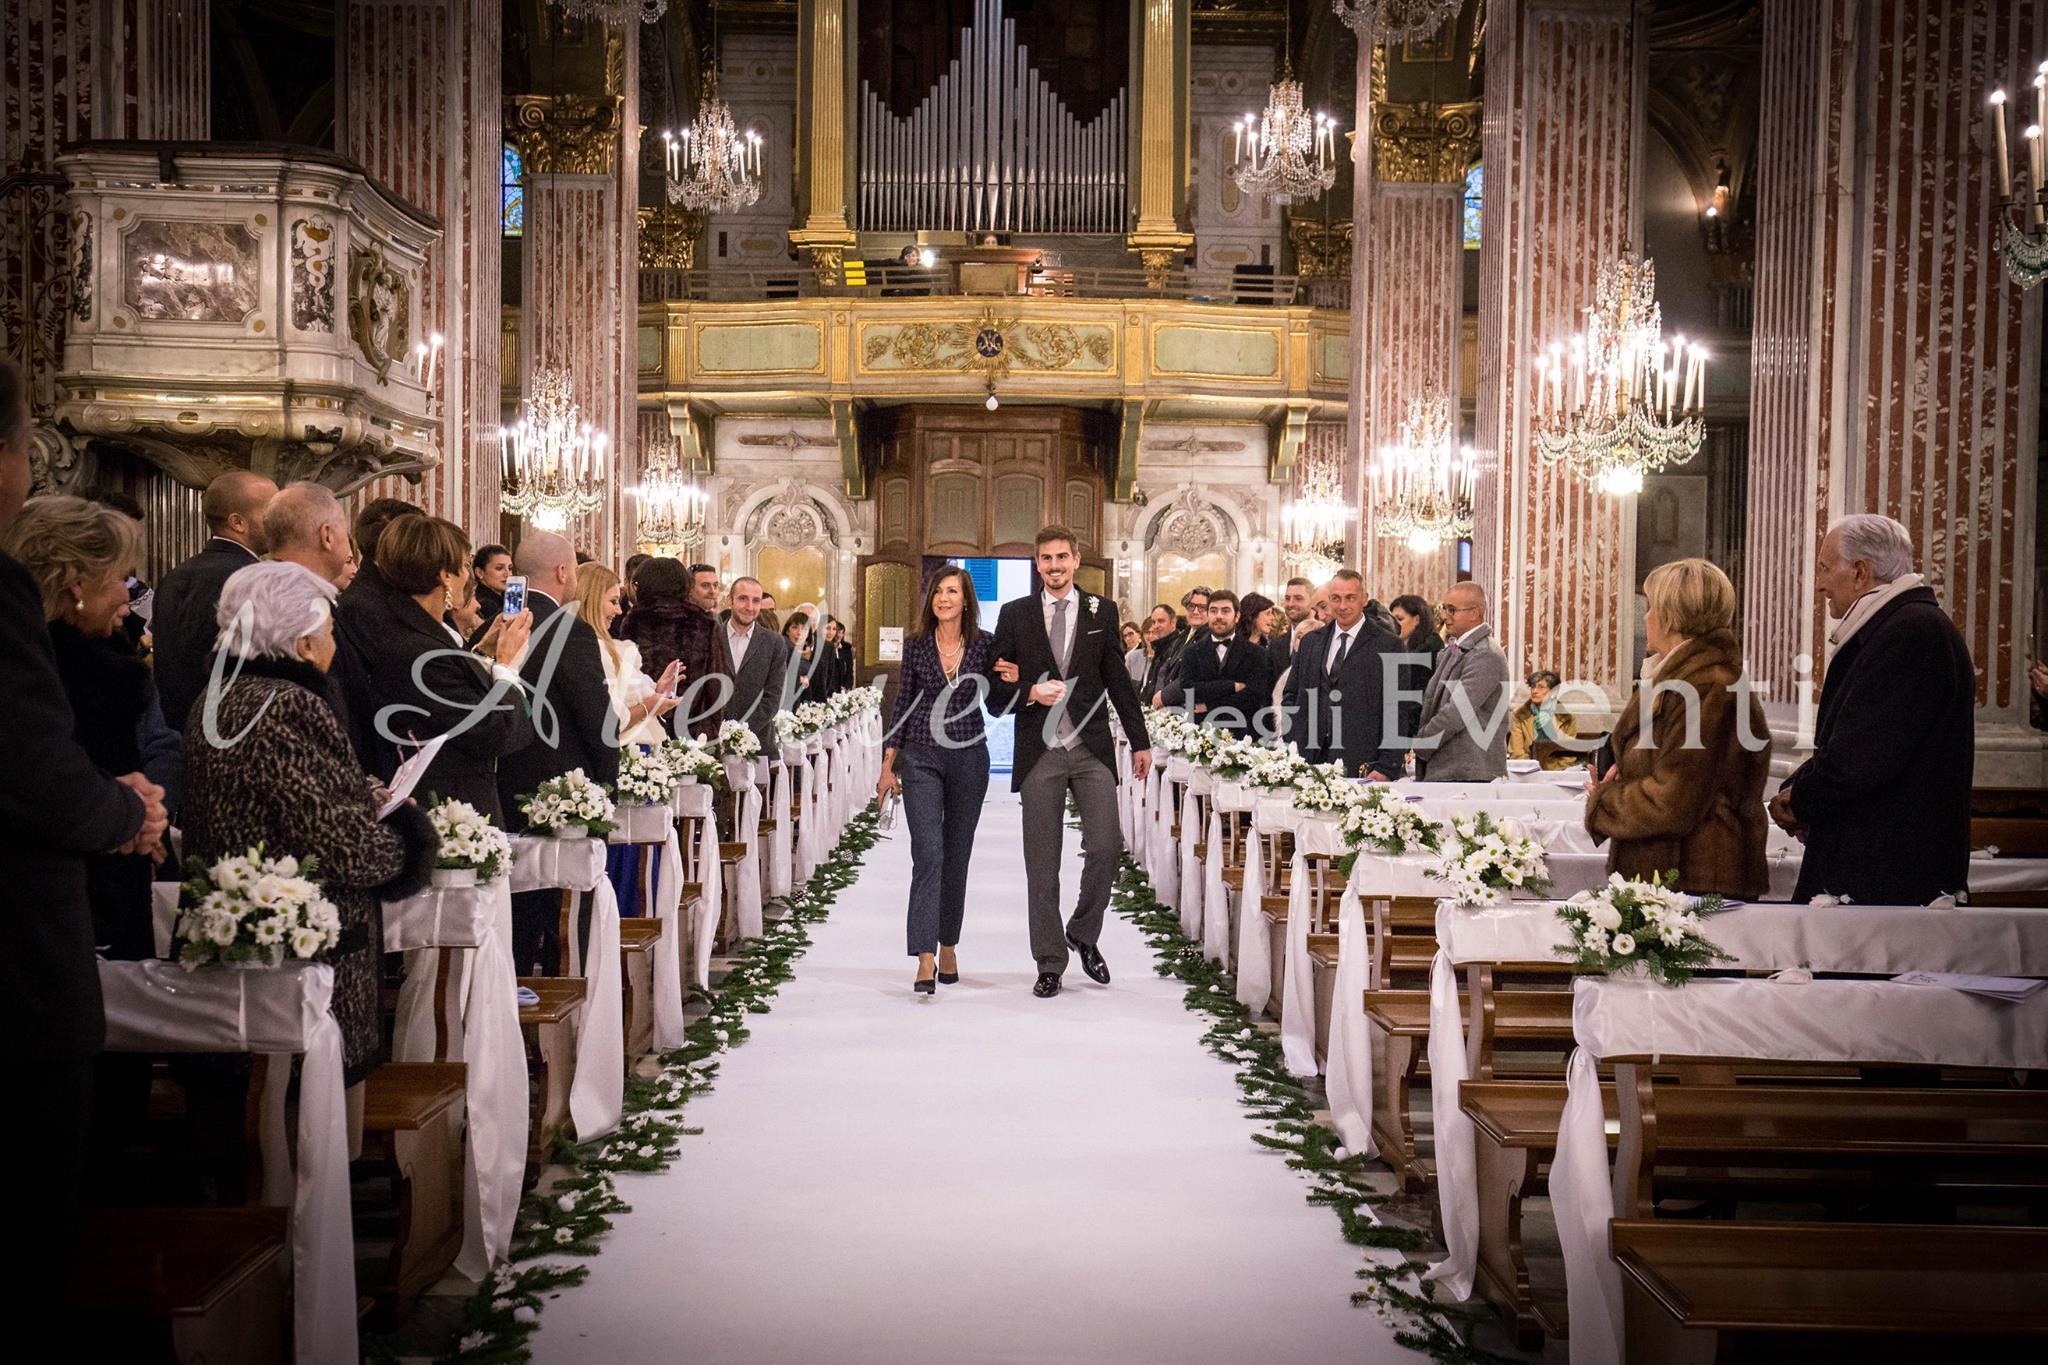 13_entrata_sposo_matrimonio_nozze_liguria_natale_fiori_fotografia